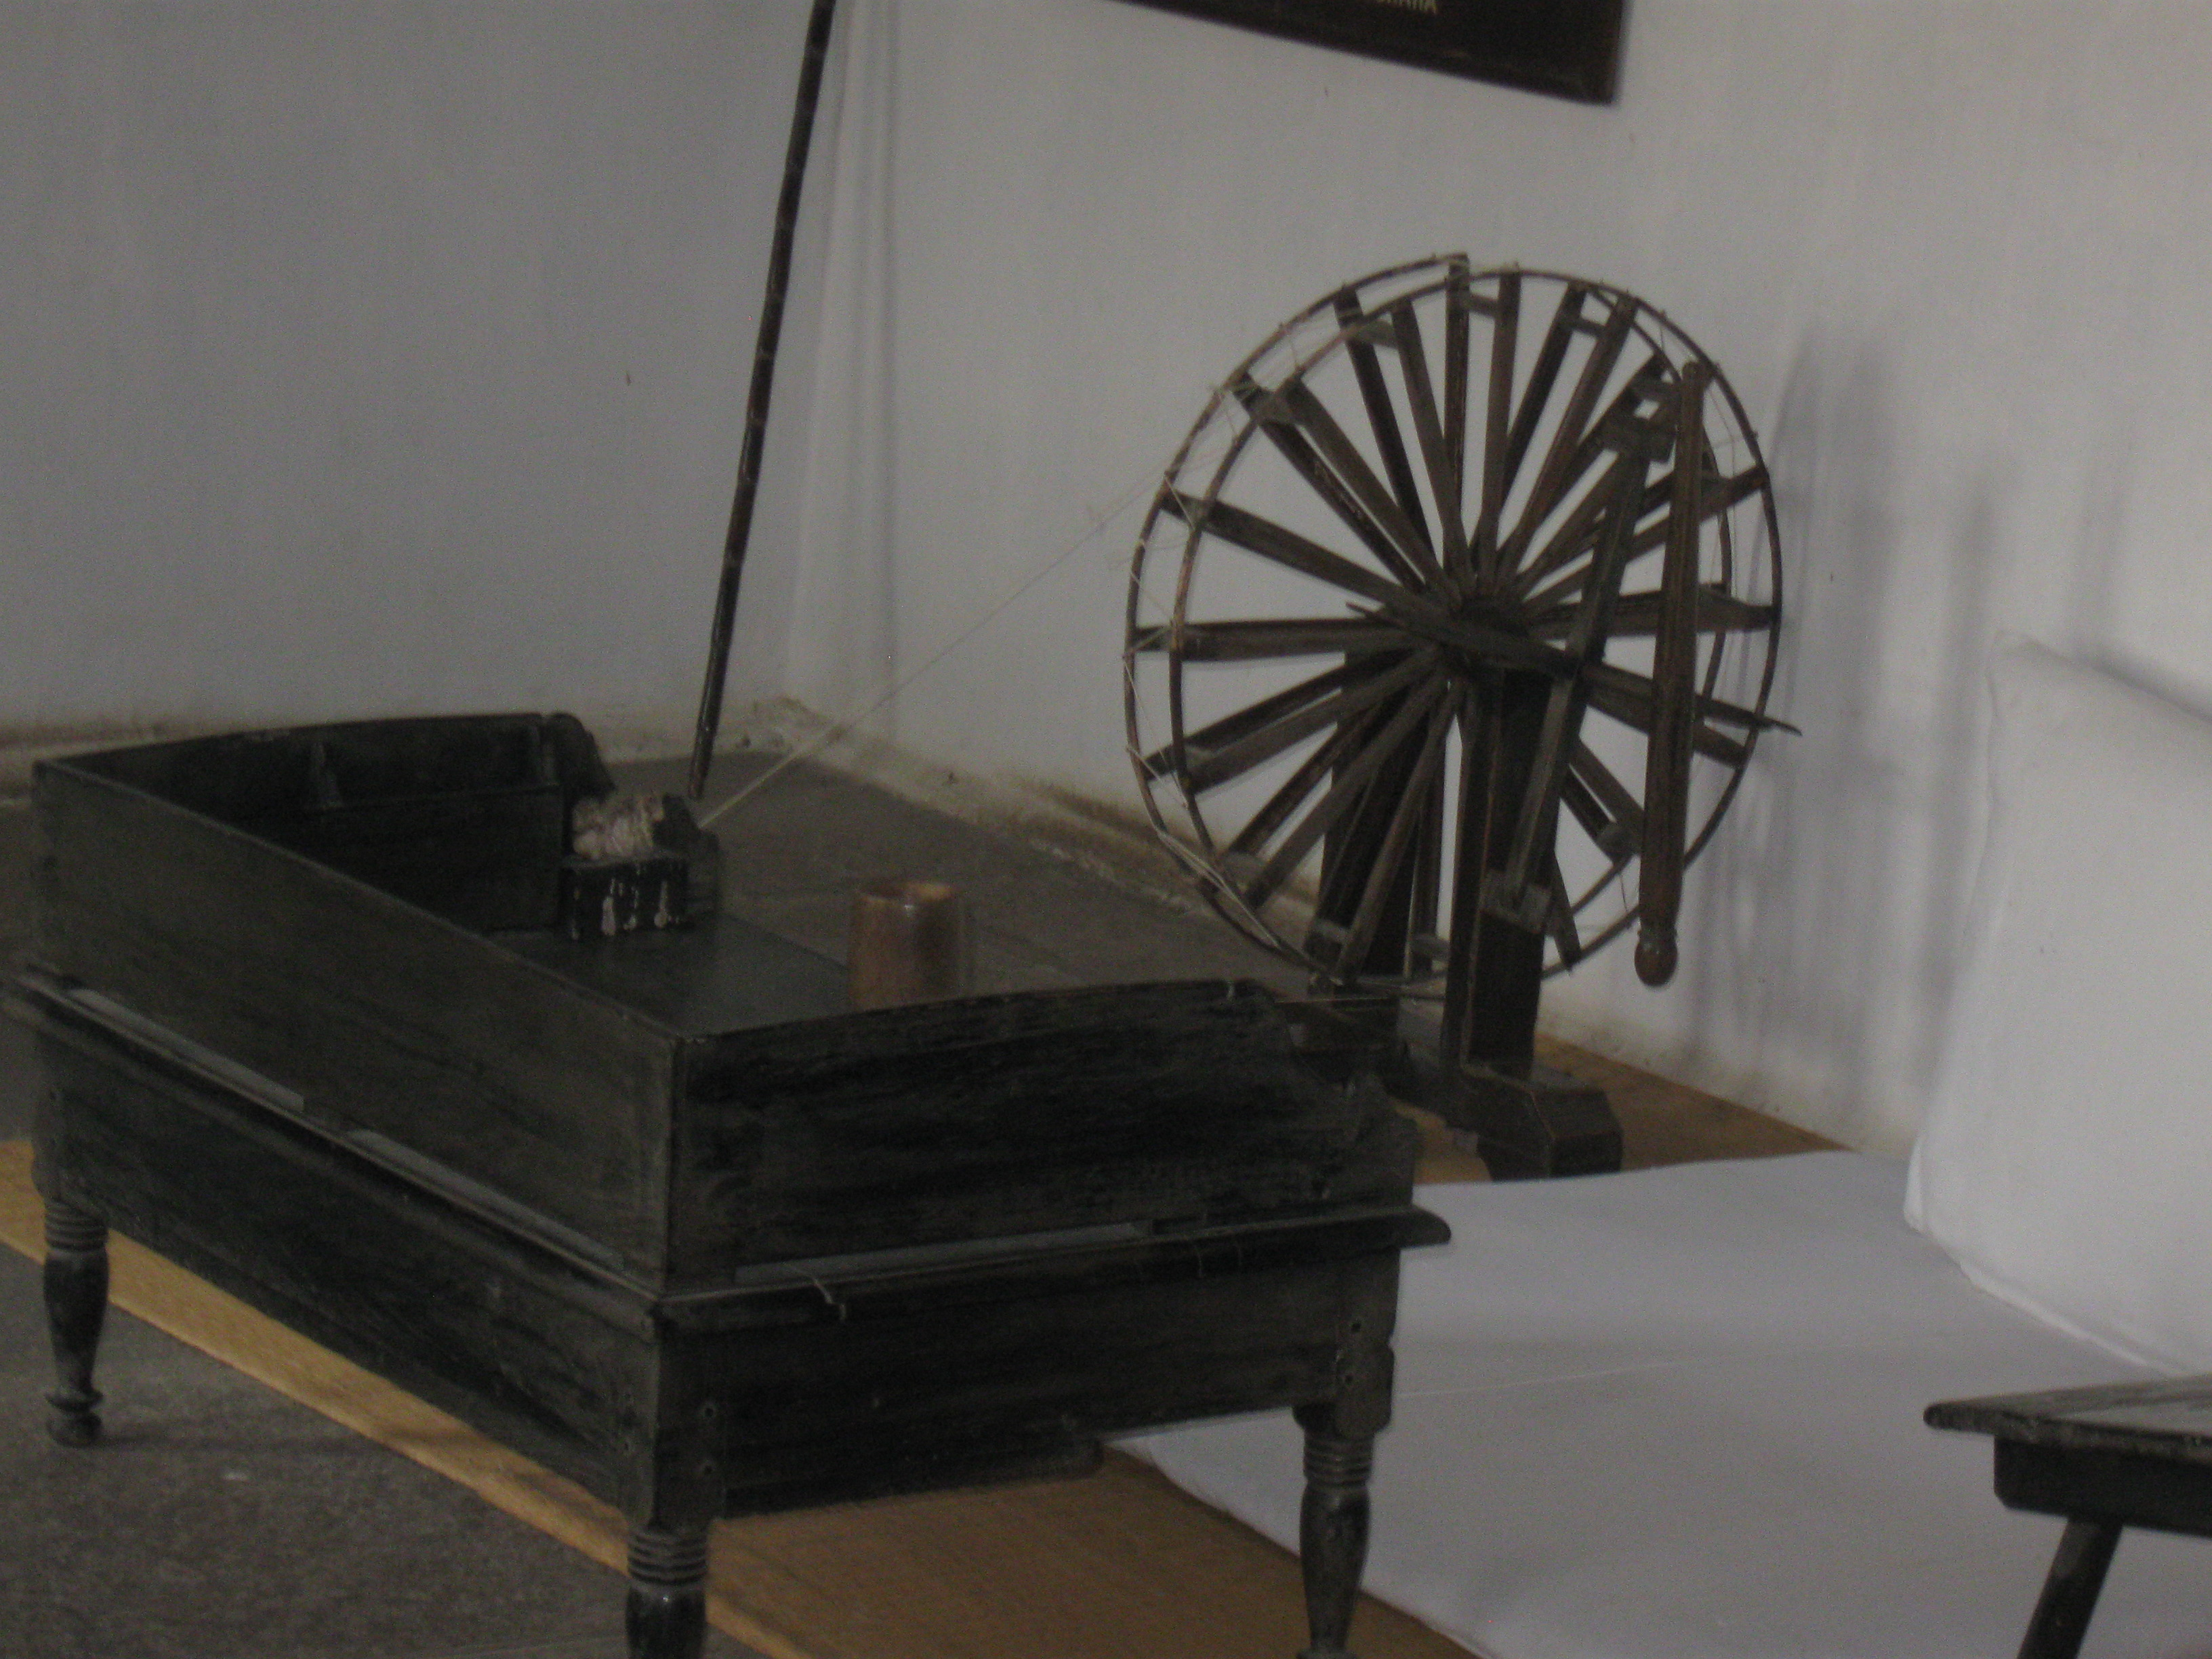 Gandhiji's Charkha and table at Sabarmati Ashram, Ahmedabad